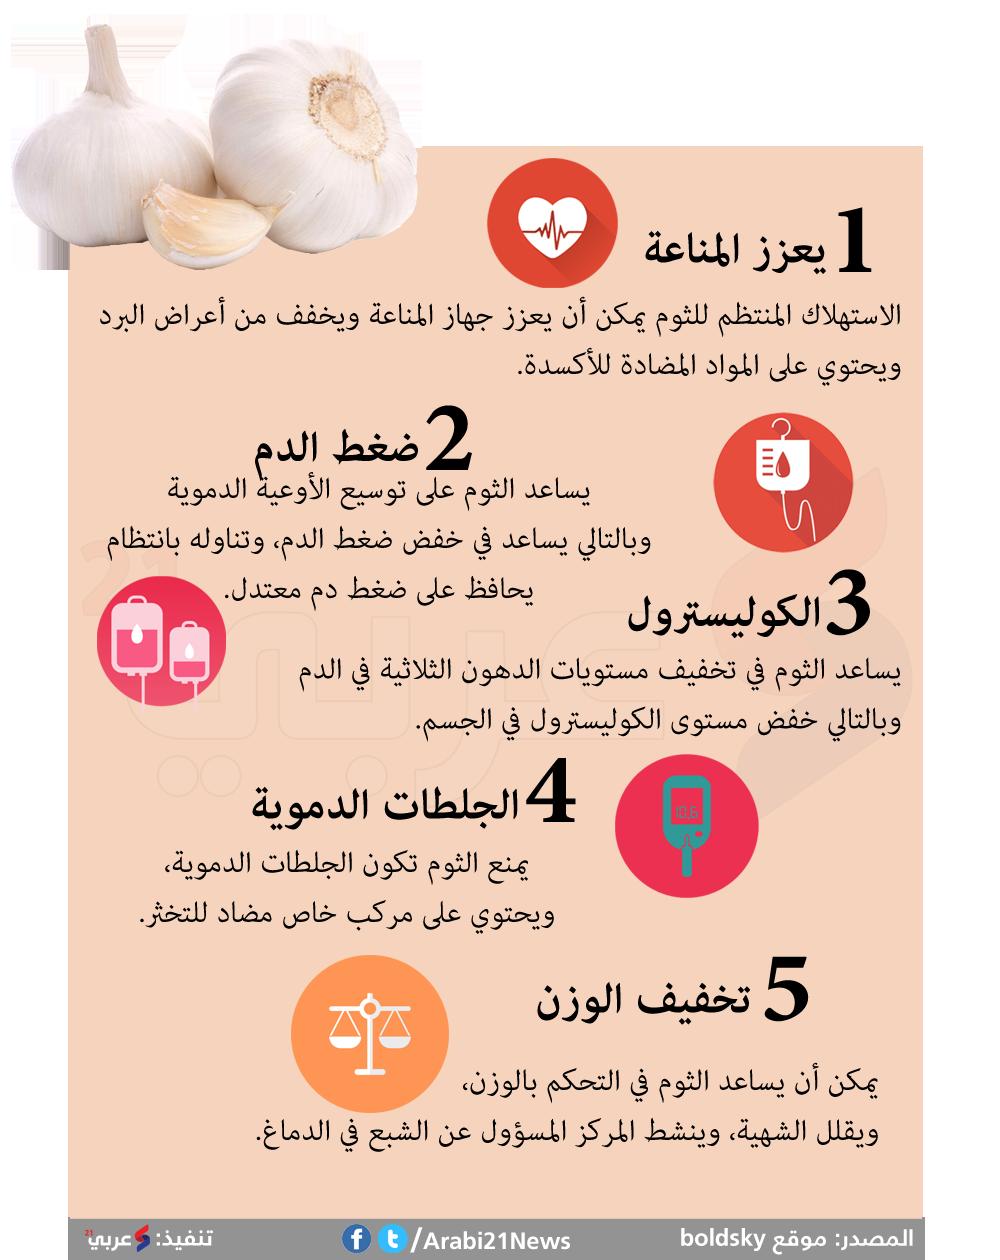 فوائد الثوم تتغلب على رائحته الكريهة إنفوغرافيك Islamic Phrases Eat Food Words